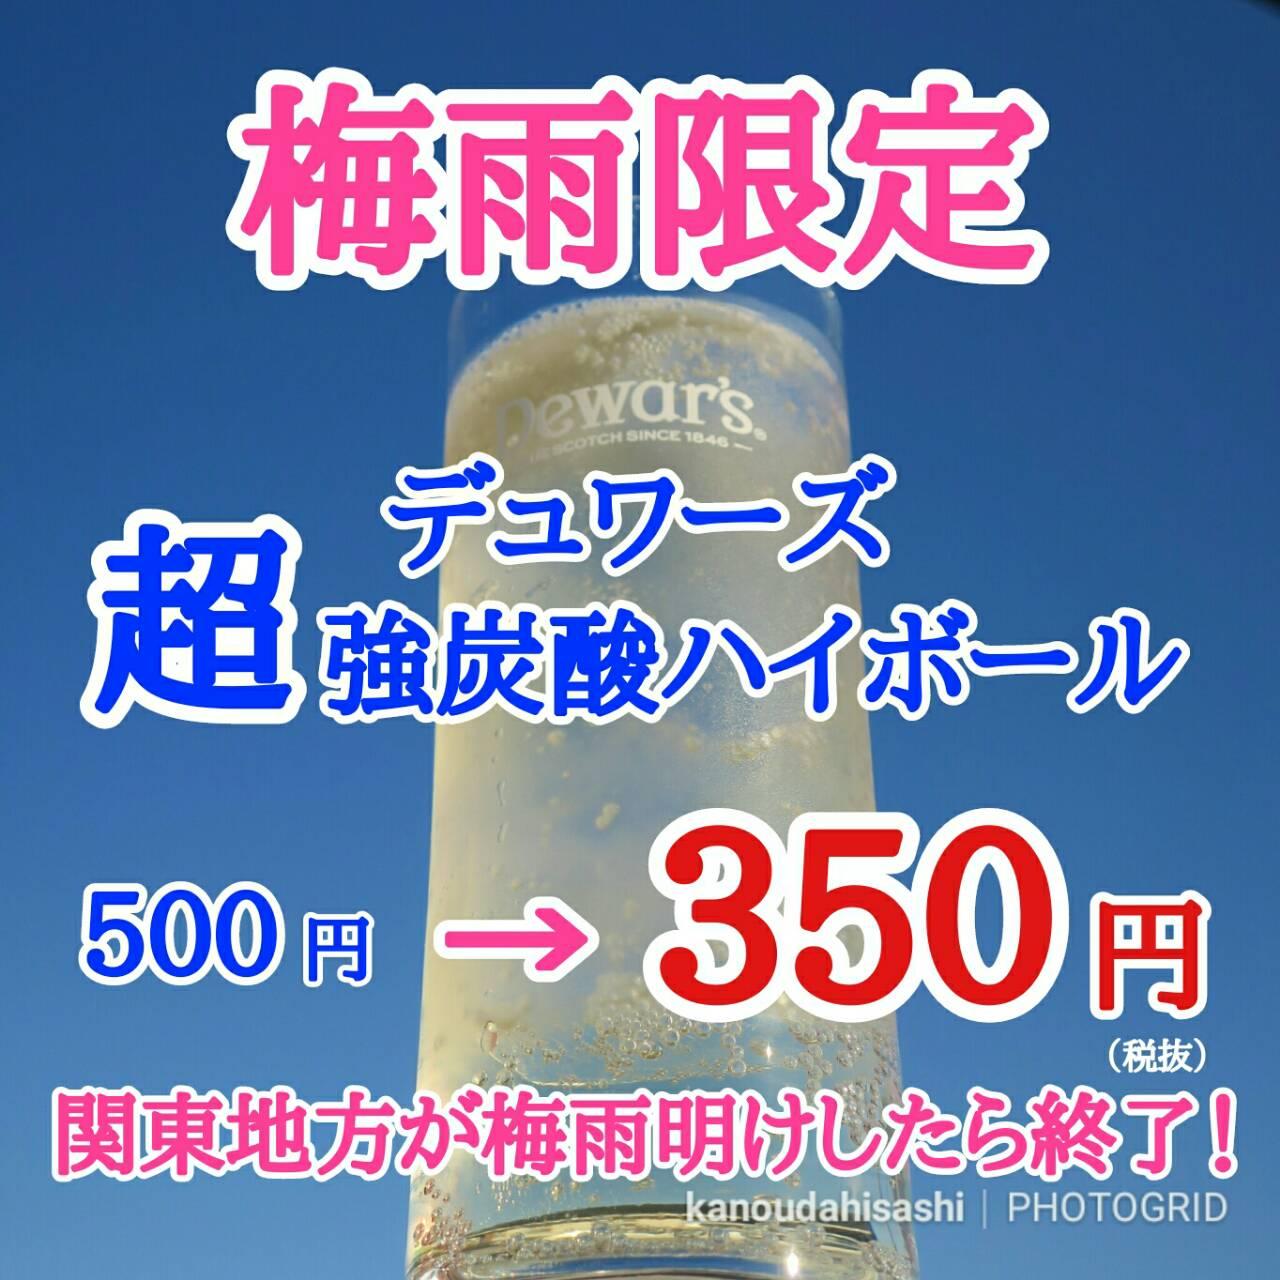 今だけ超強炭酸ハイボールが安〜い !!!page-visual 今だけ超強炭酸ハイボールが安〜い !!!ビジュアル